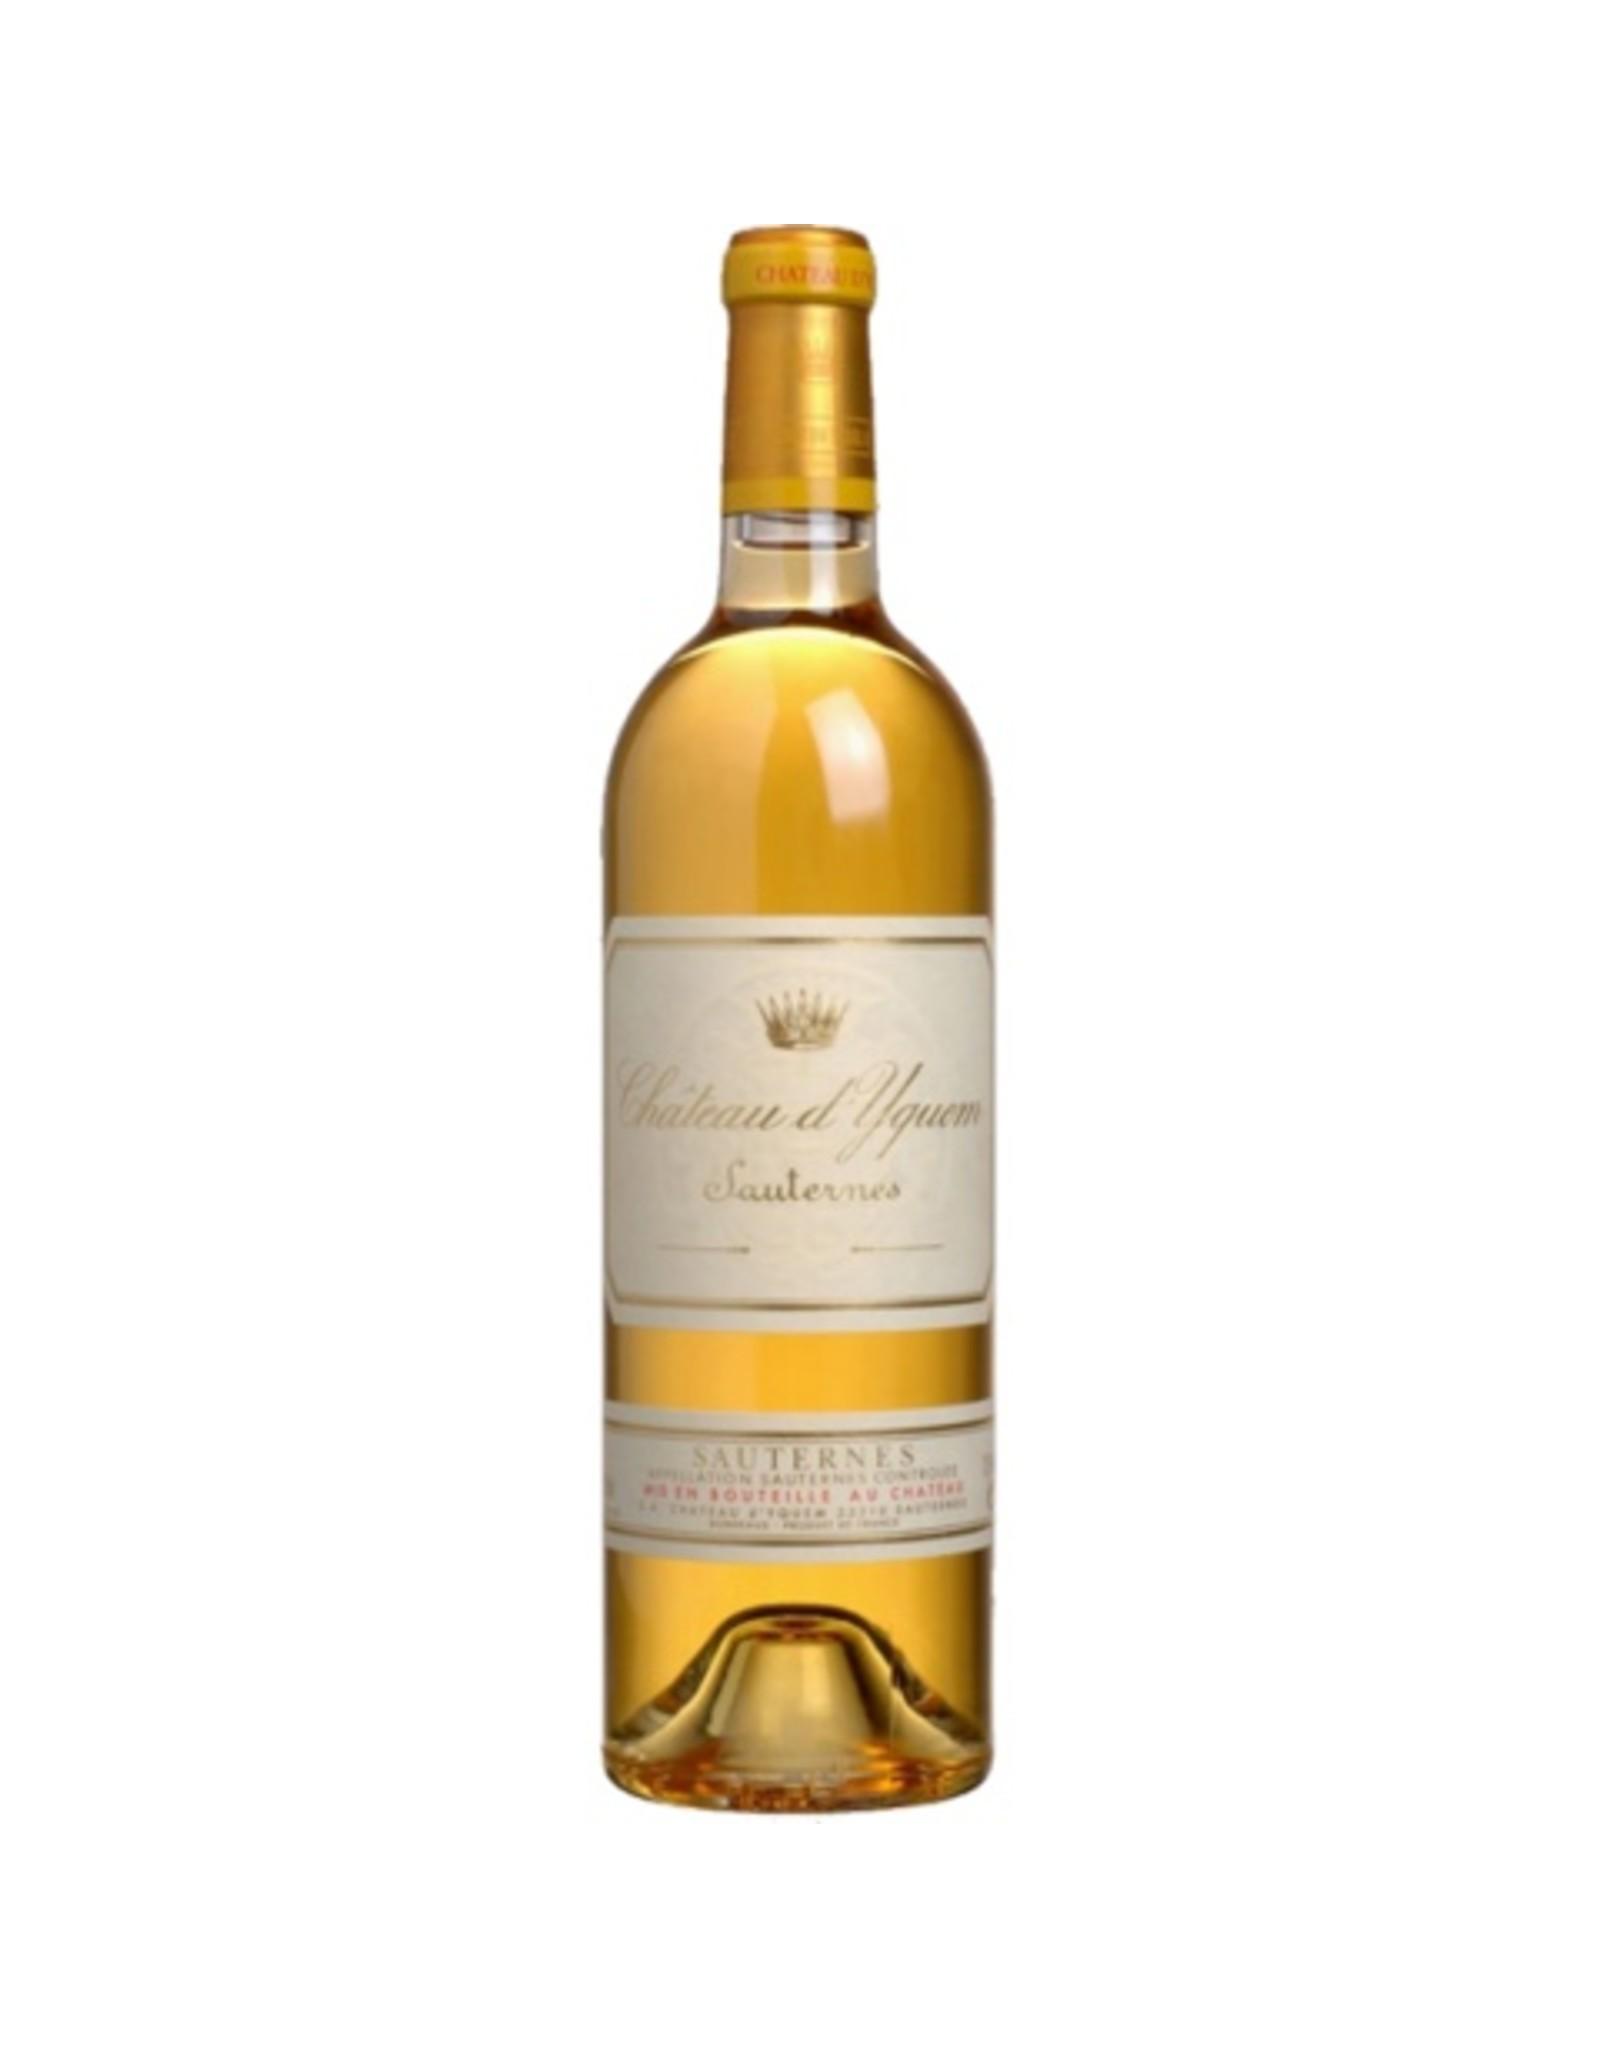 Desert Wine 2011, Chateau d'Yquem, Semillon- Sauvignon Blanc Blend, Sauternes, Bordeaux, France, 14% Alc, CT96, WS99